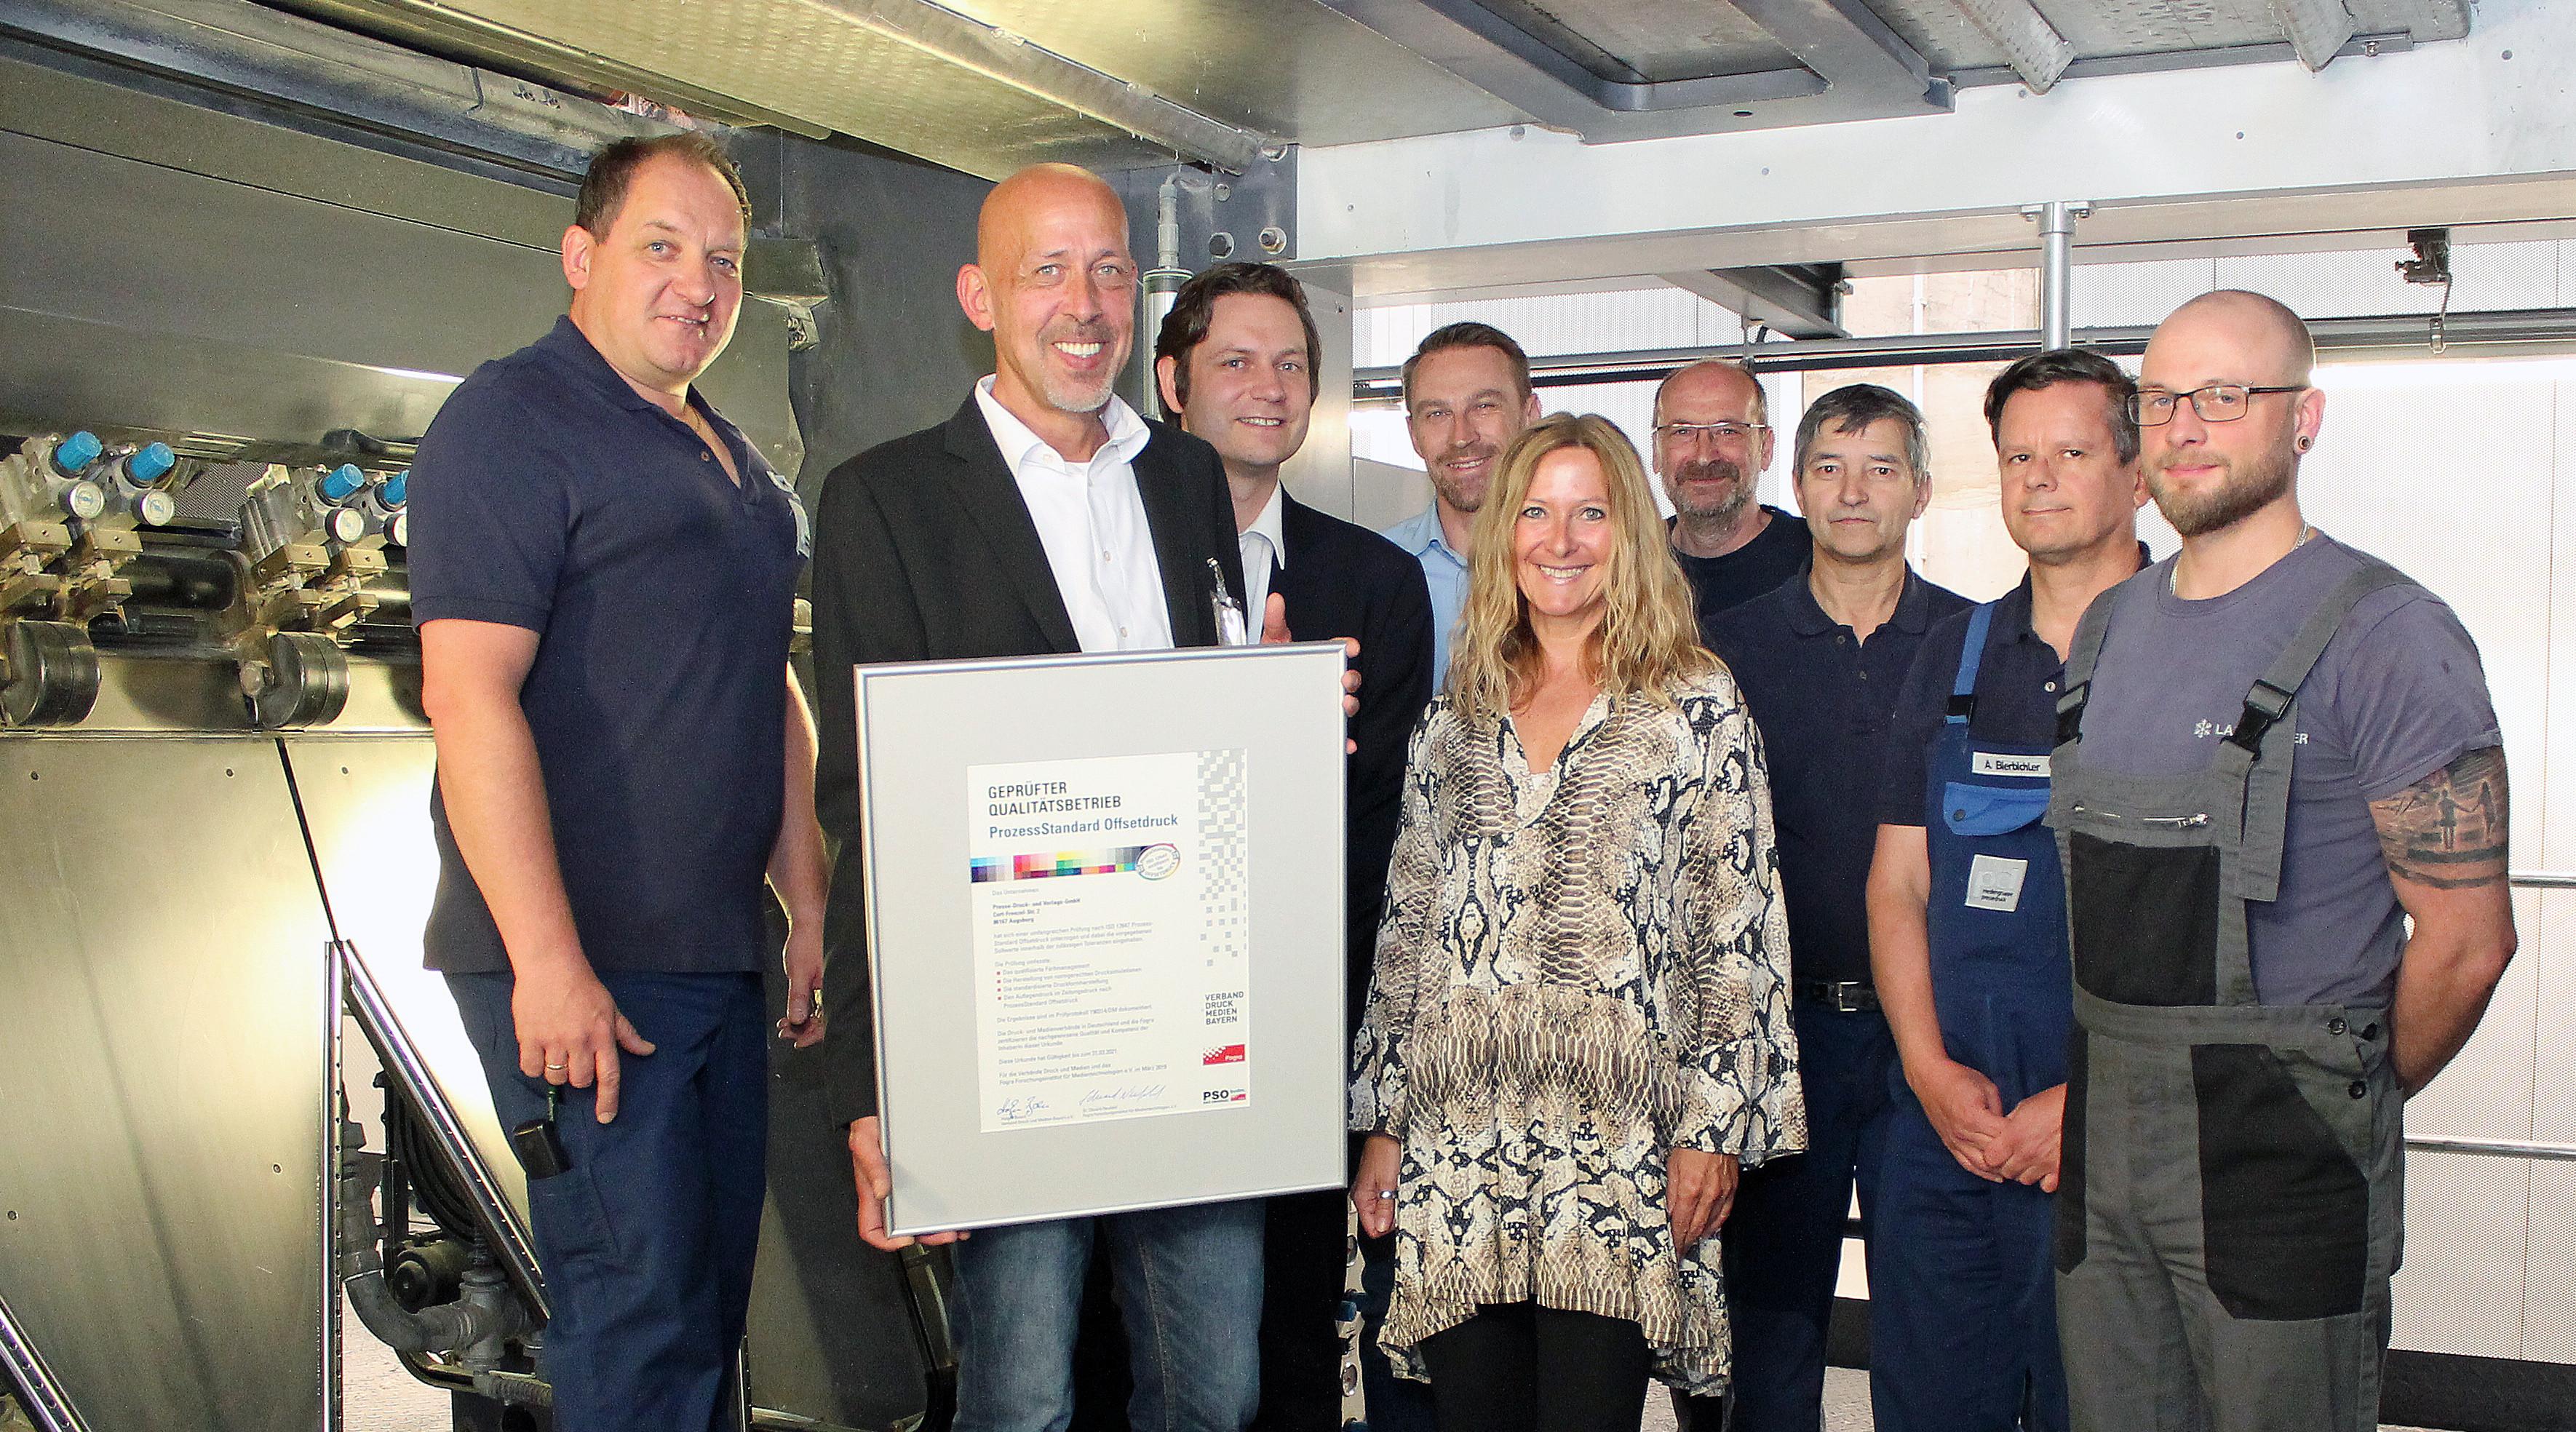 Presse-Druck Augsburg erhält fünfte PSO-Zertifizierung in Folge